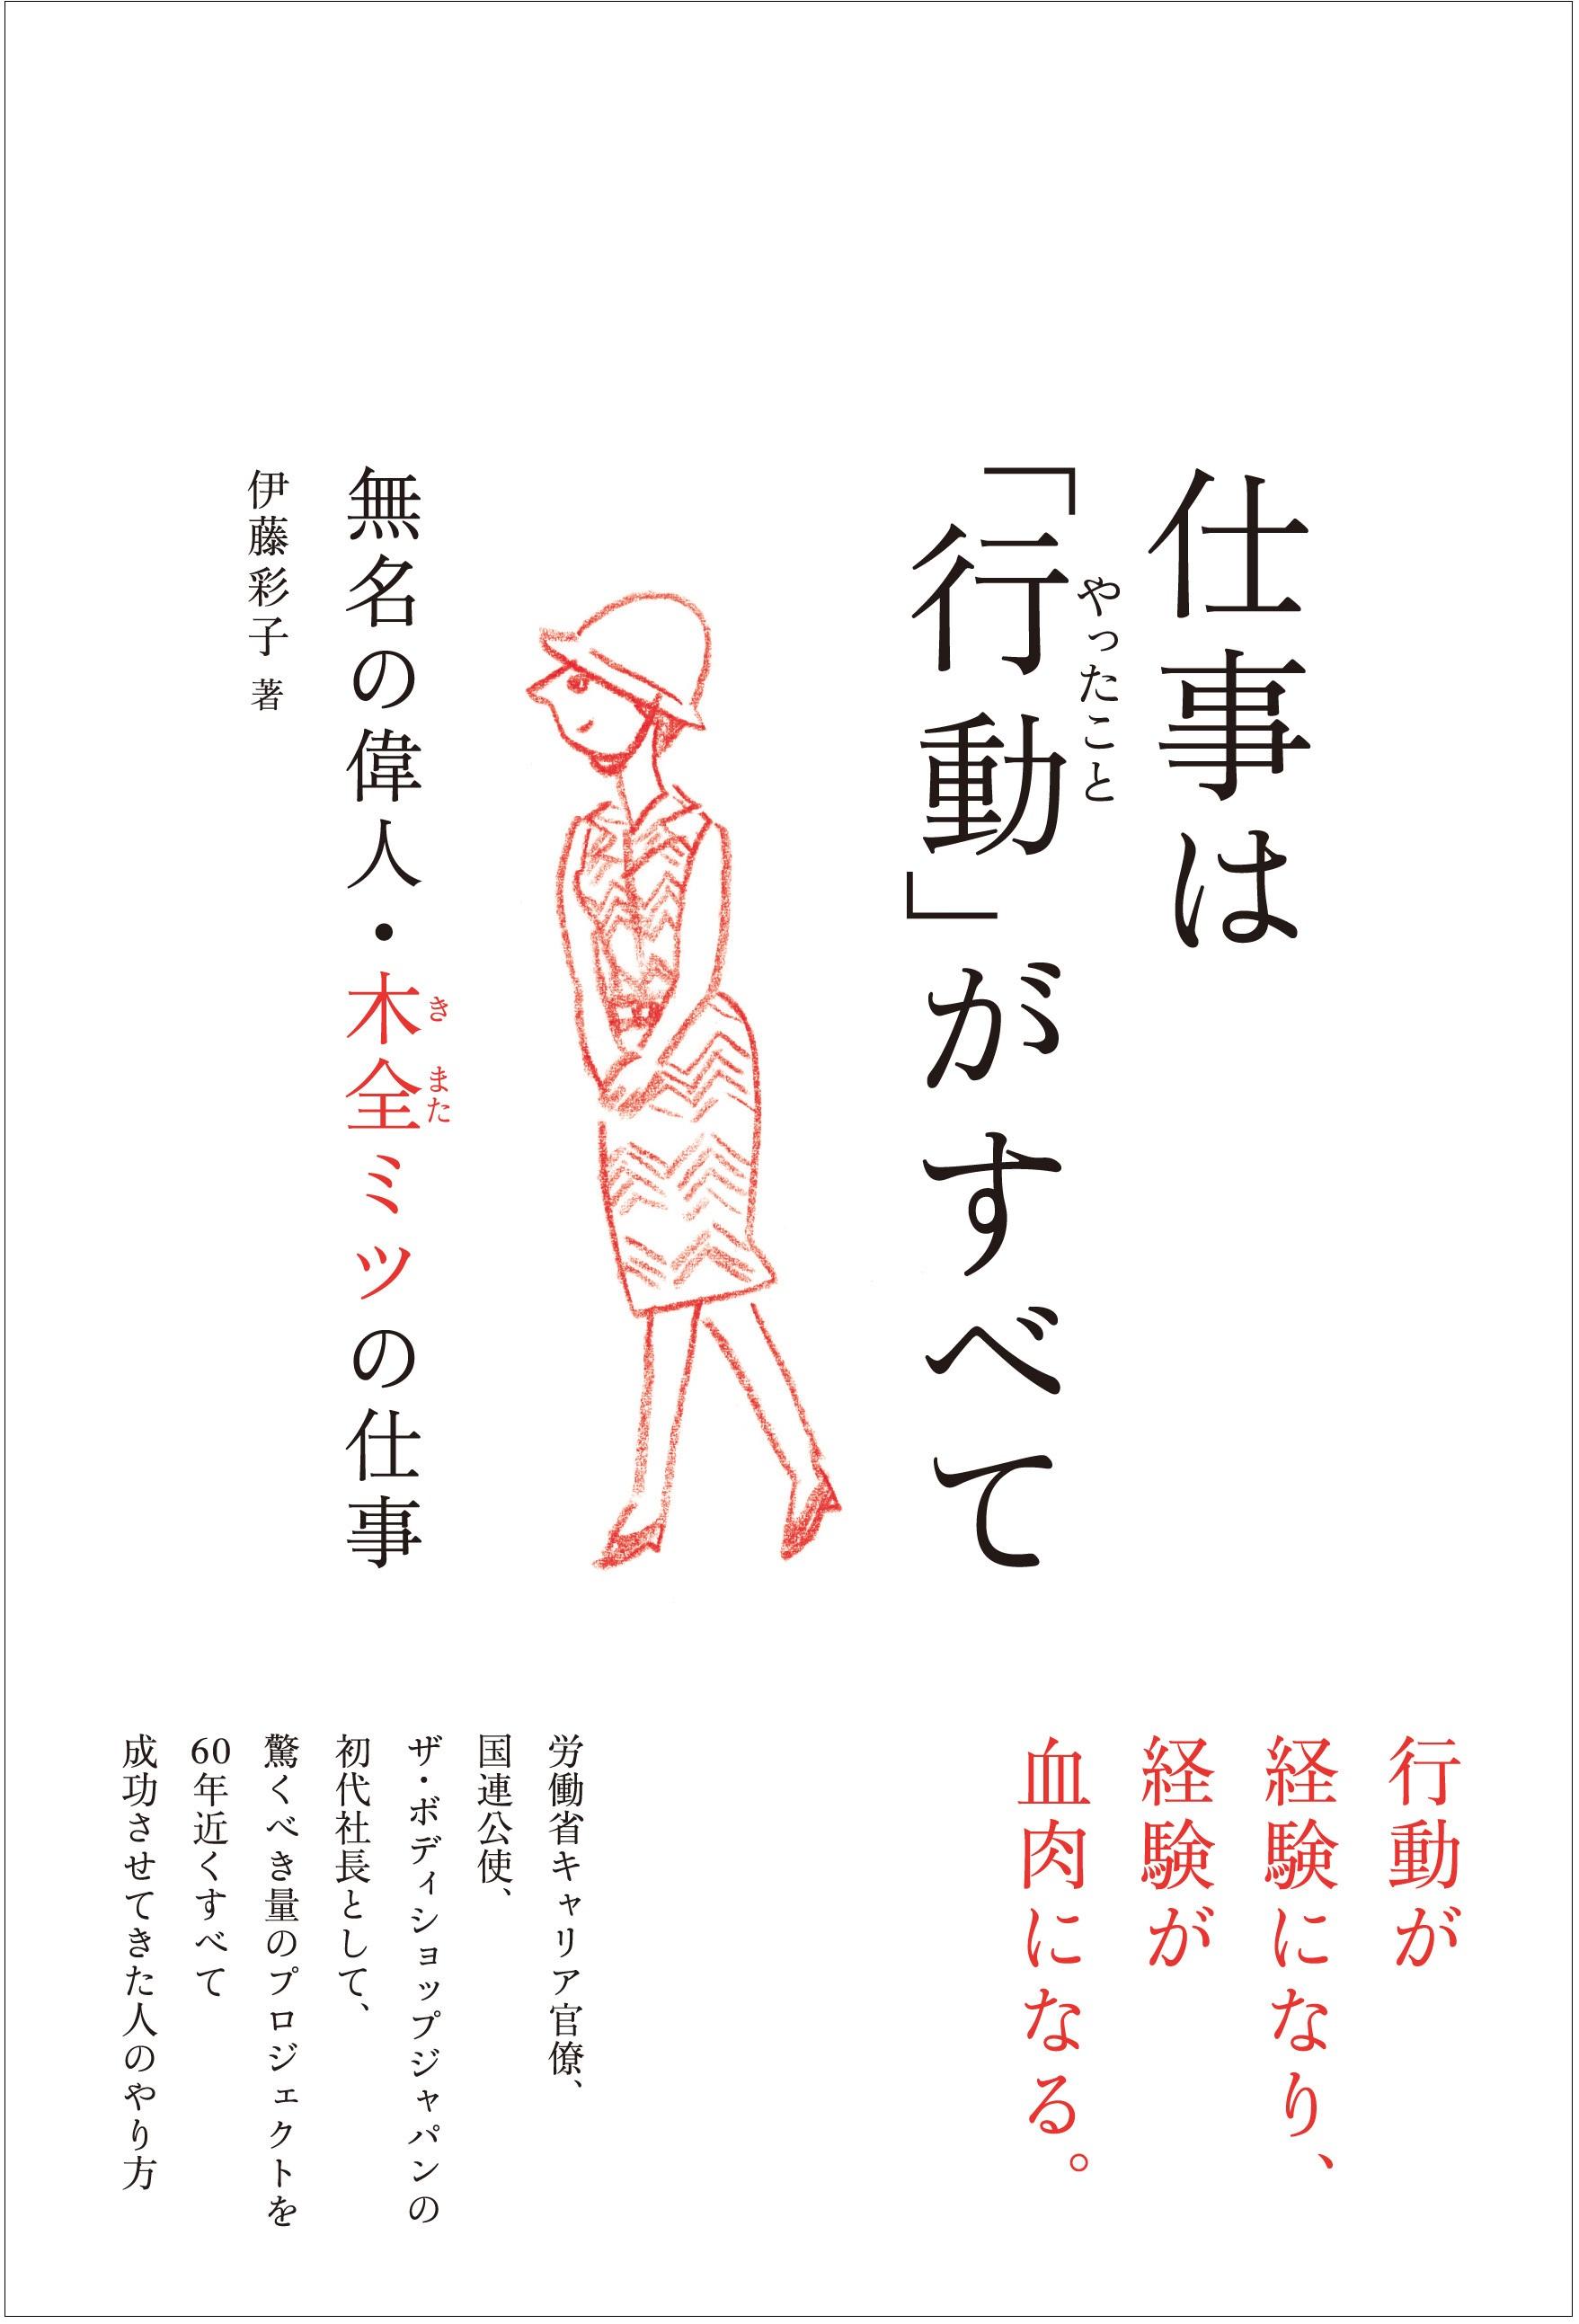 0849 木全ミツ(帯あり) (2)